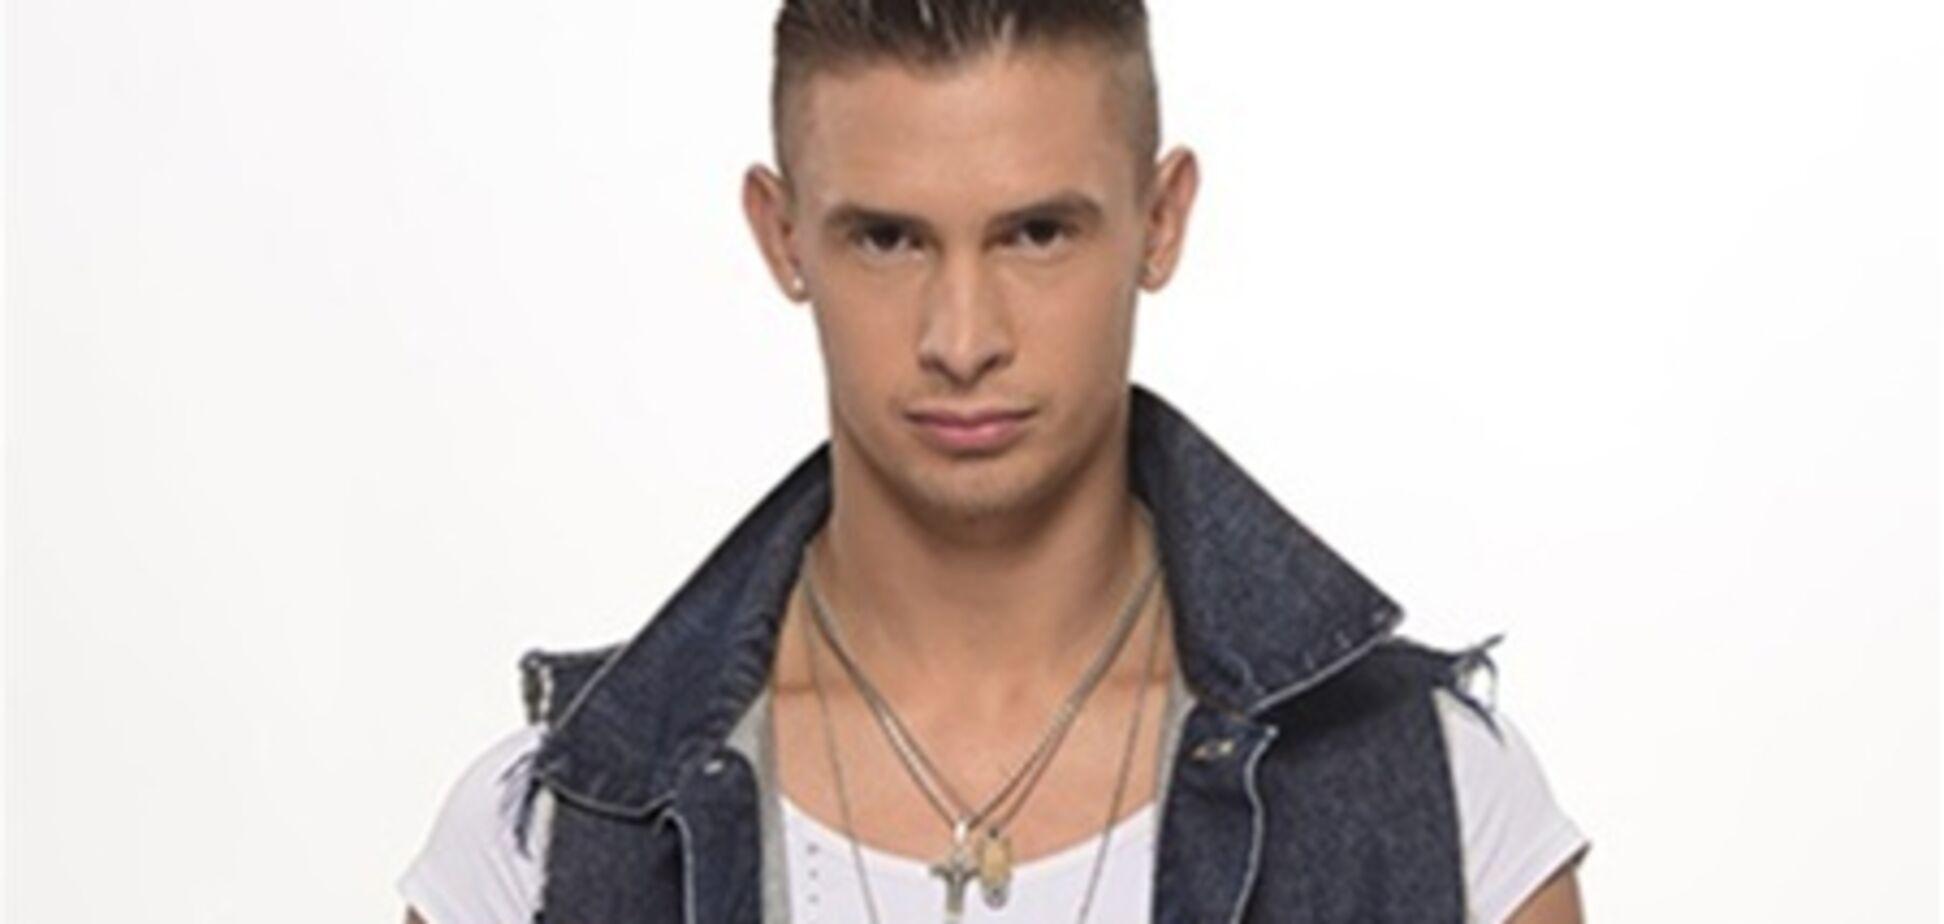 Представитель Украины на 'Танцевальном Евровидении' покажет силу человеческого духа